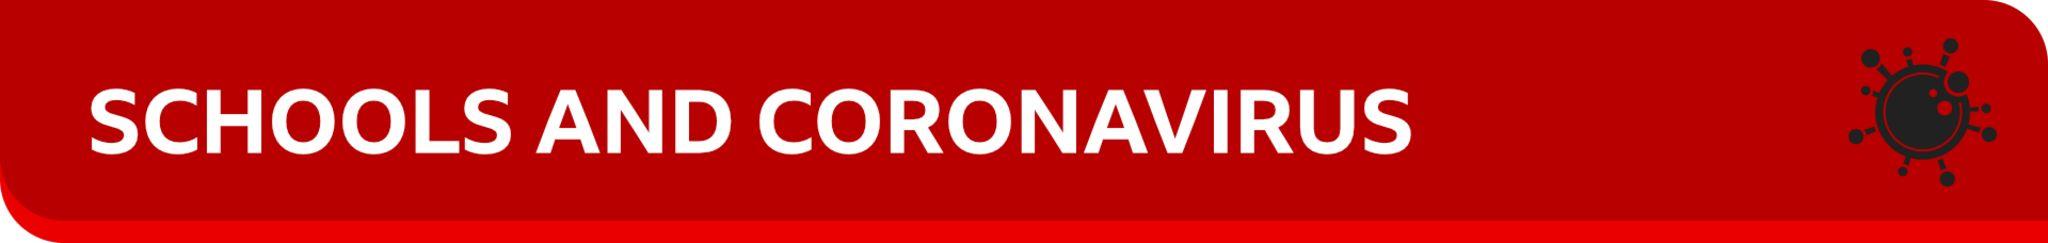 Banner: Schools and Coronavirus